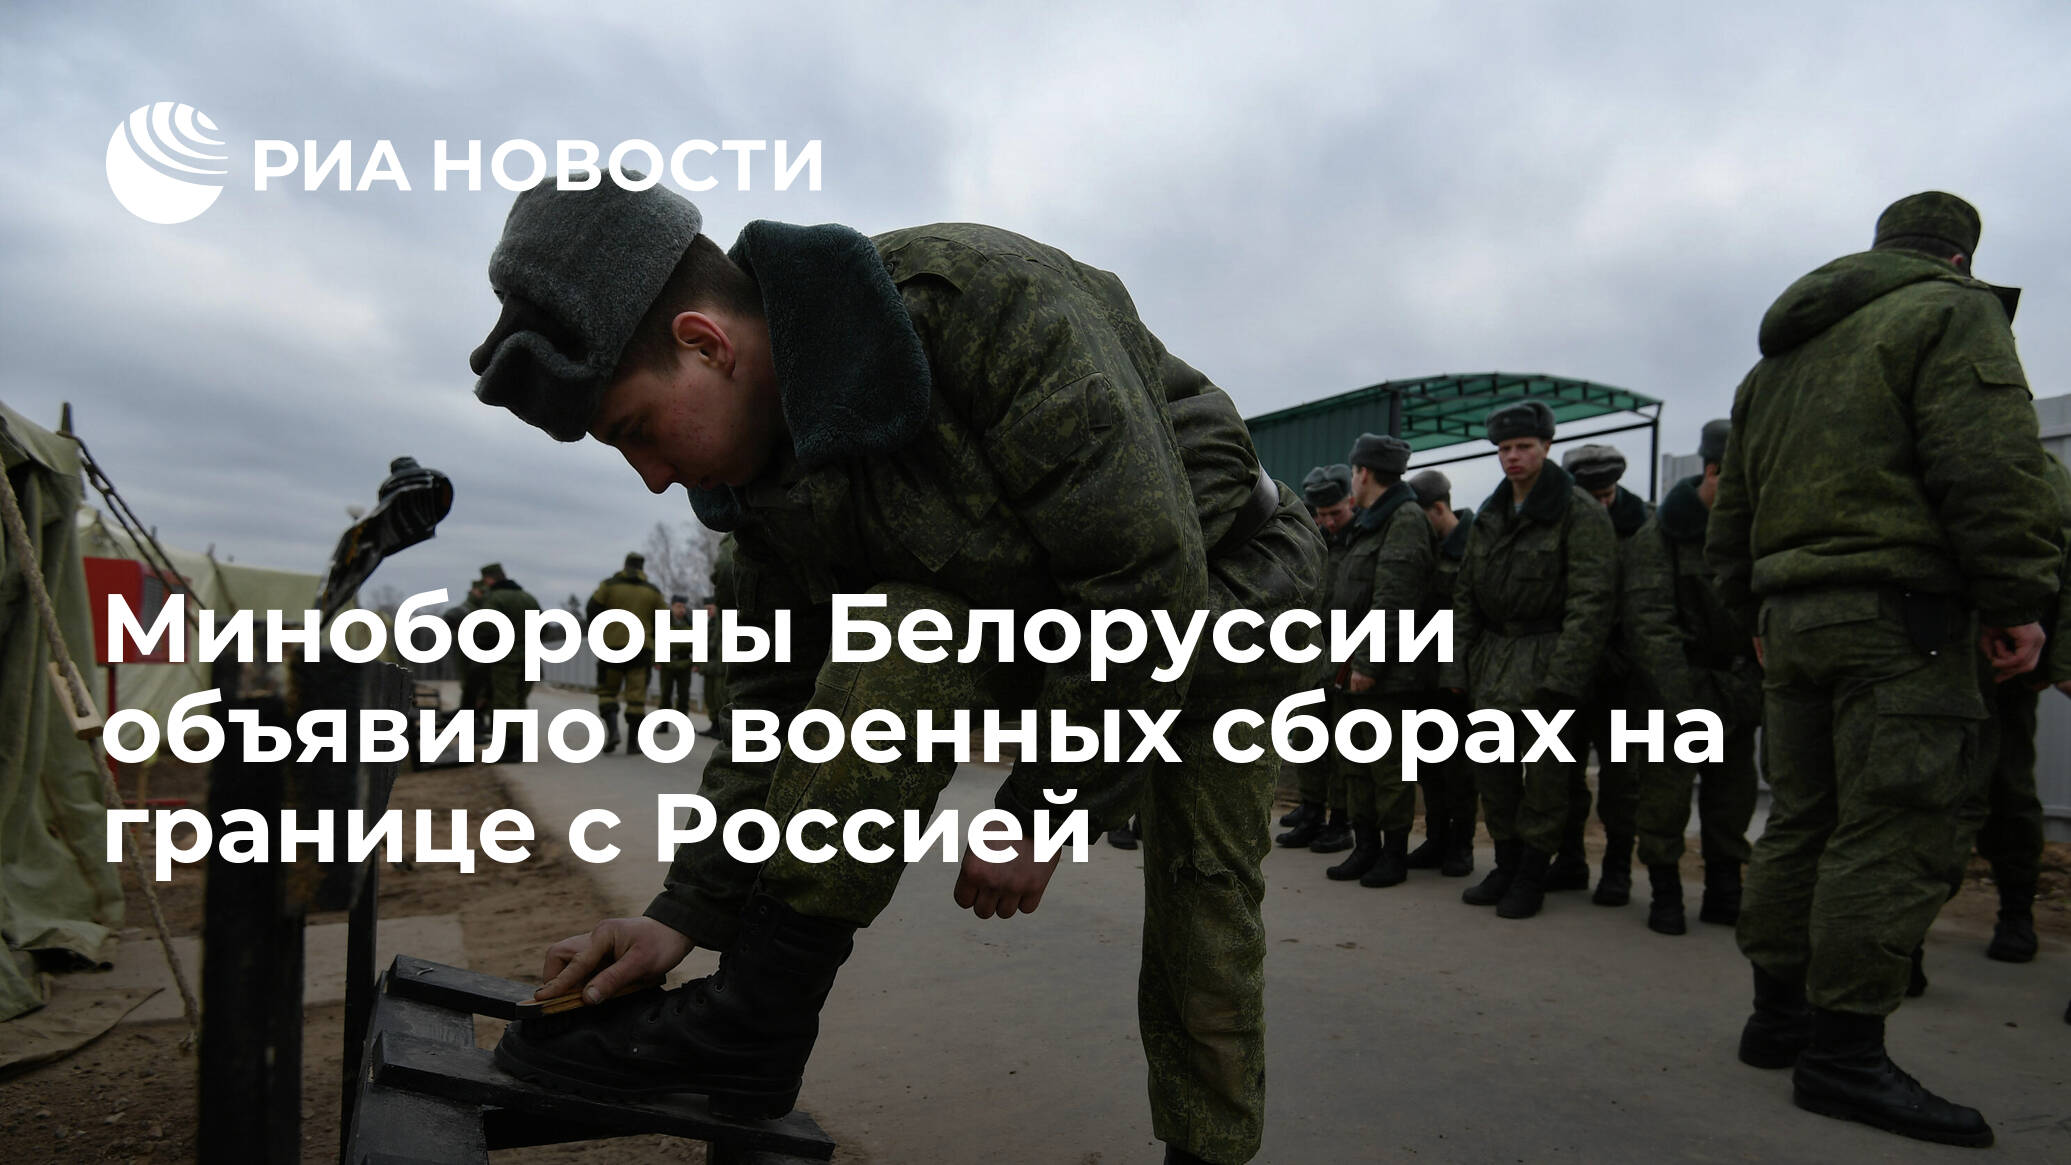 Минобороны Белоруссии объявило о сборах военнообязанных